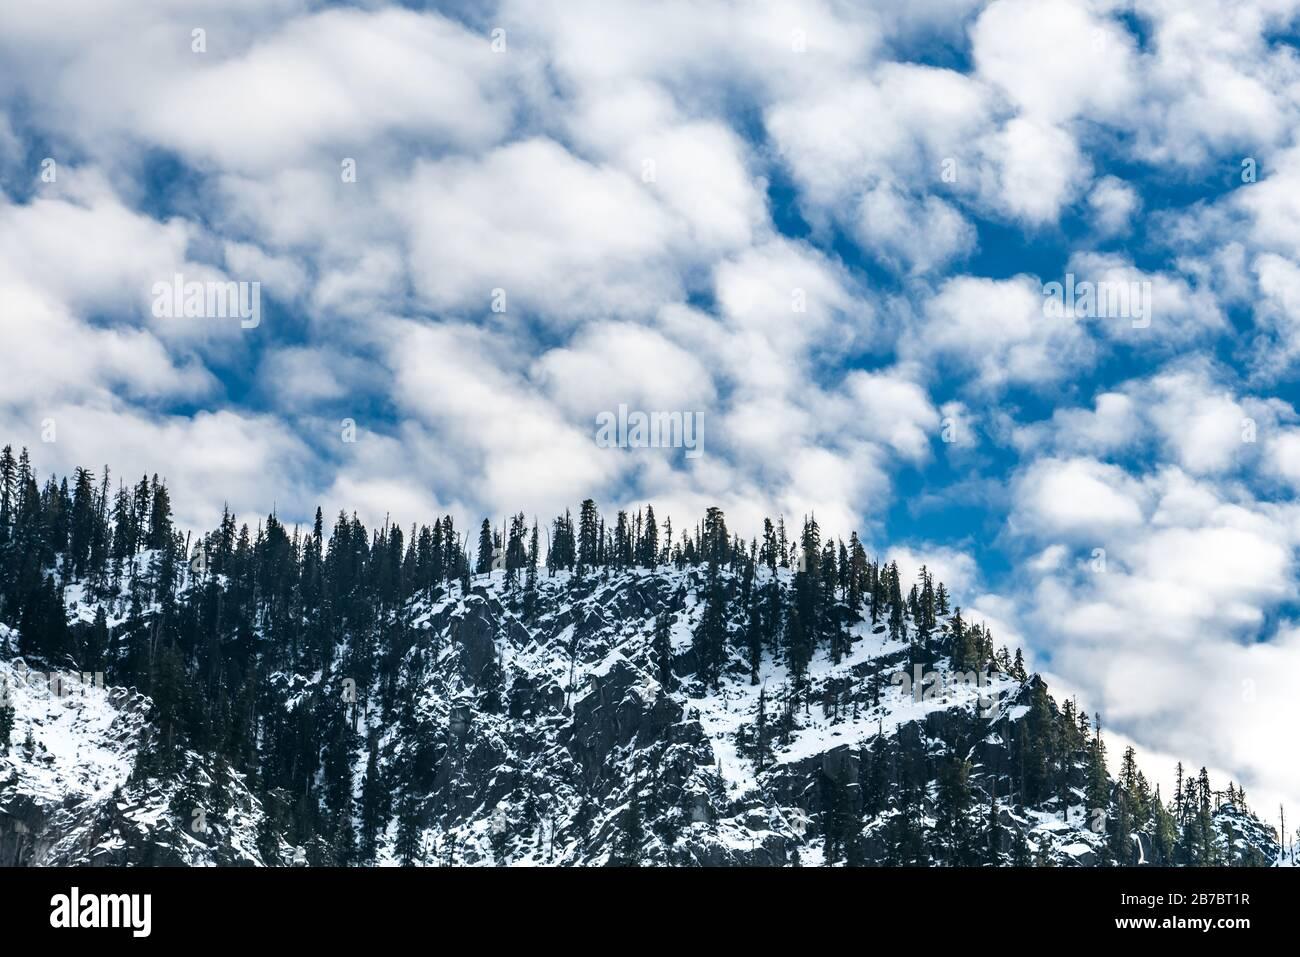 Yosemite National Park Valley avec neige, d'ici la fin de l'automne et le début de la saison d'hiver, décembre 2019, Californie, États-Unis d'Amérique. Banque D'Images